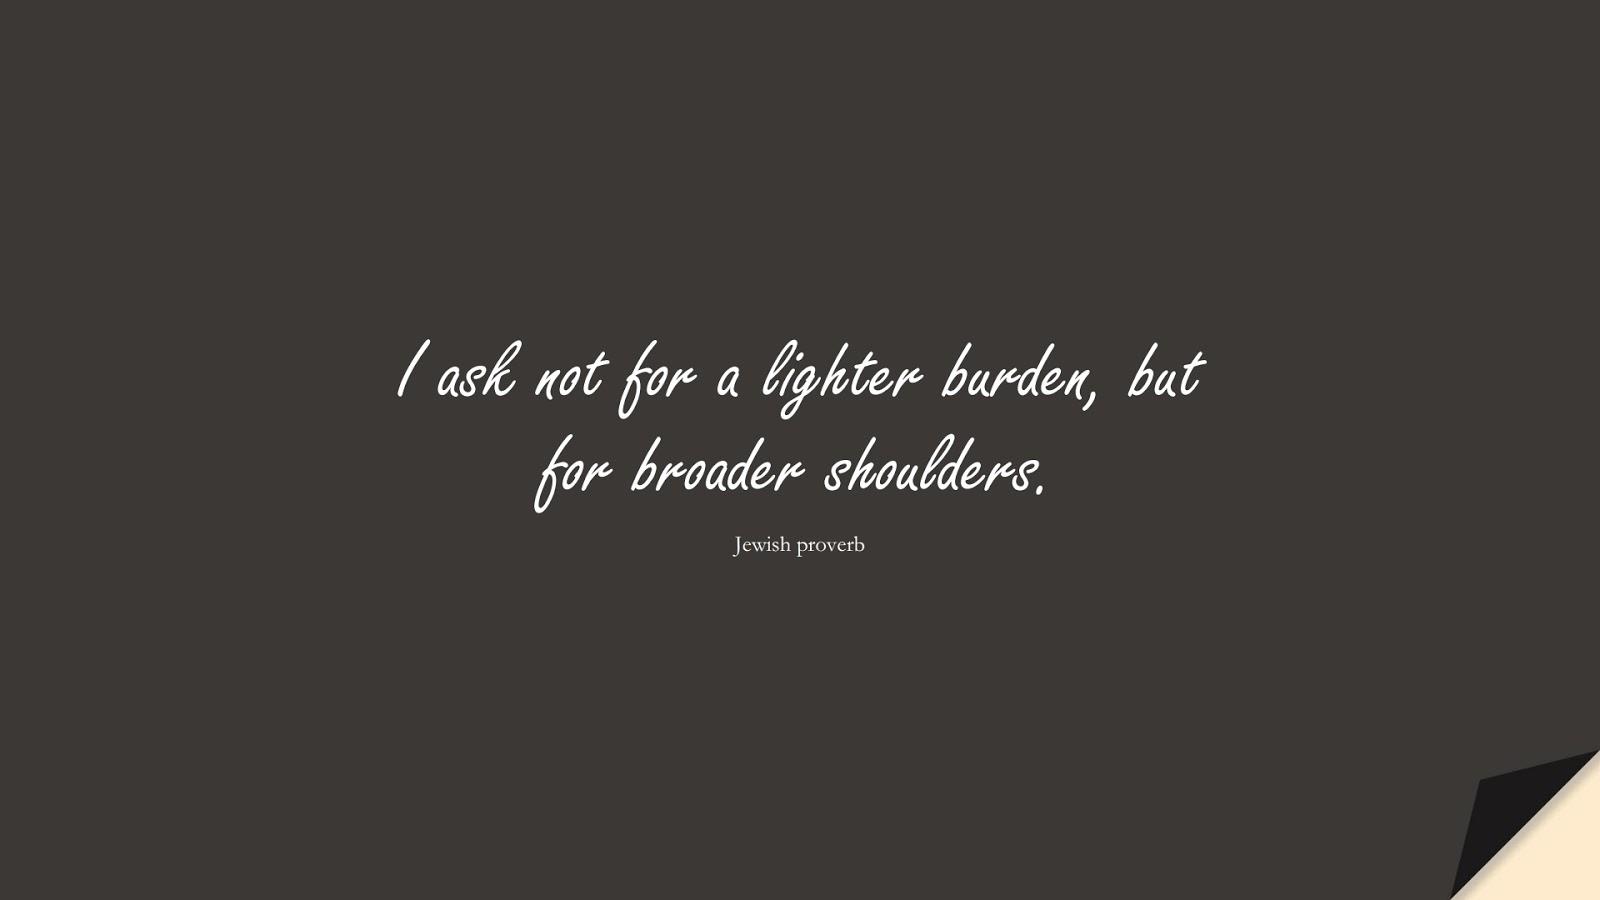 I ask not for a lighter burden, but for broader shoulders. (Jewish proverb);  #PositiveQuotes